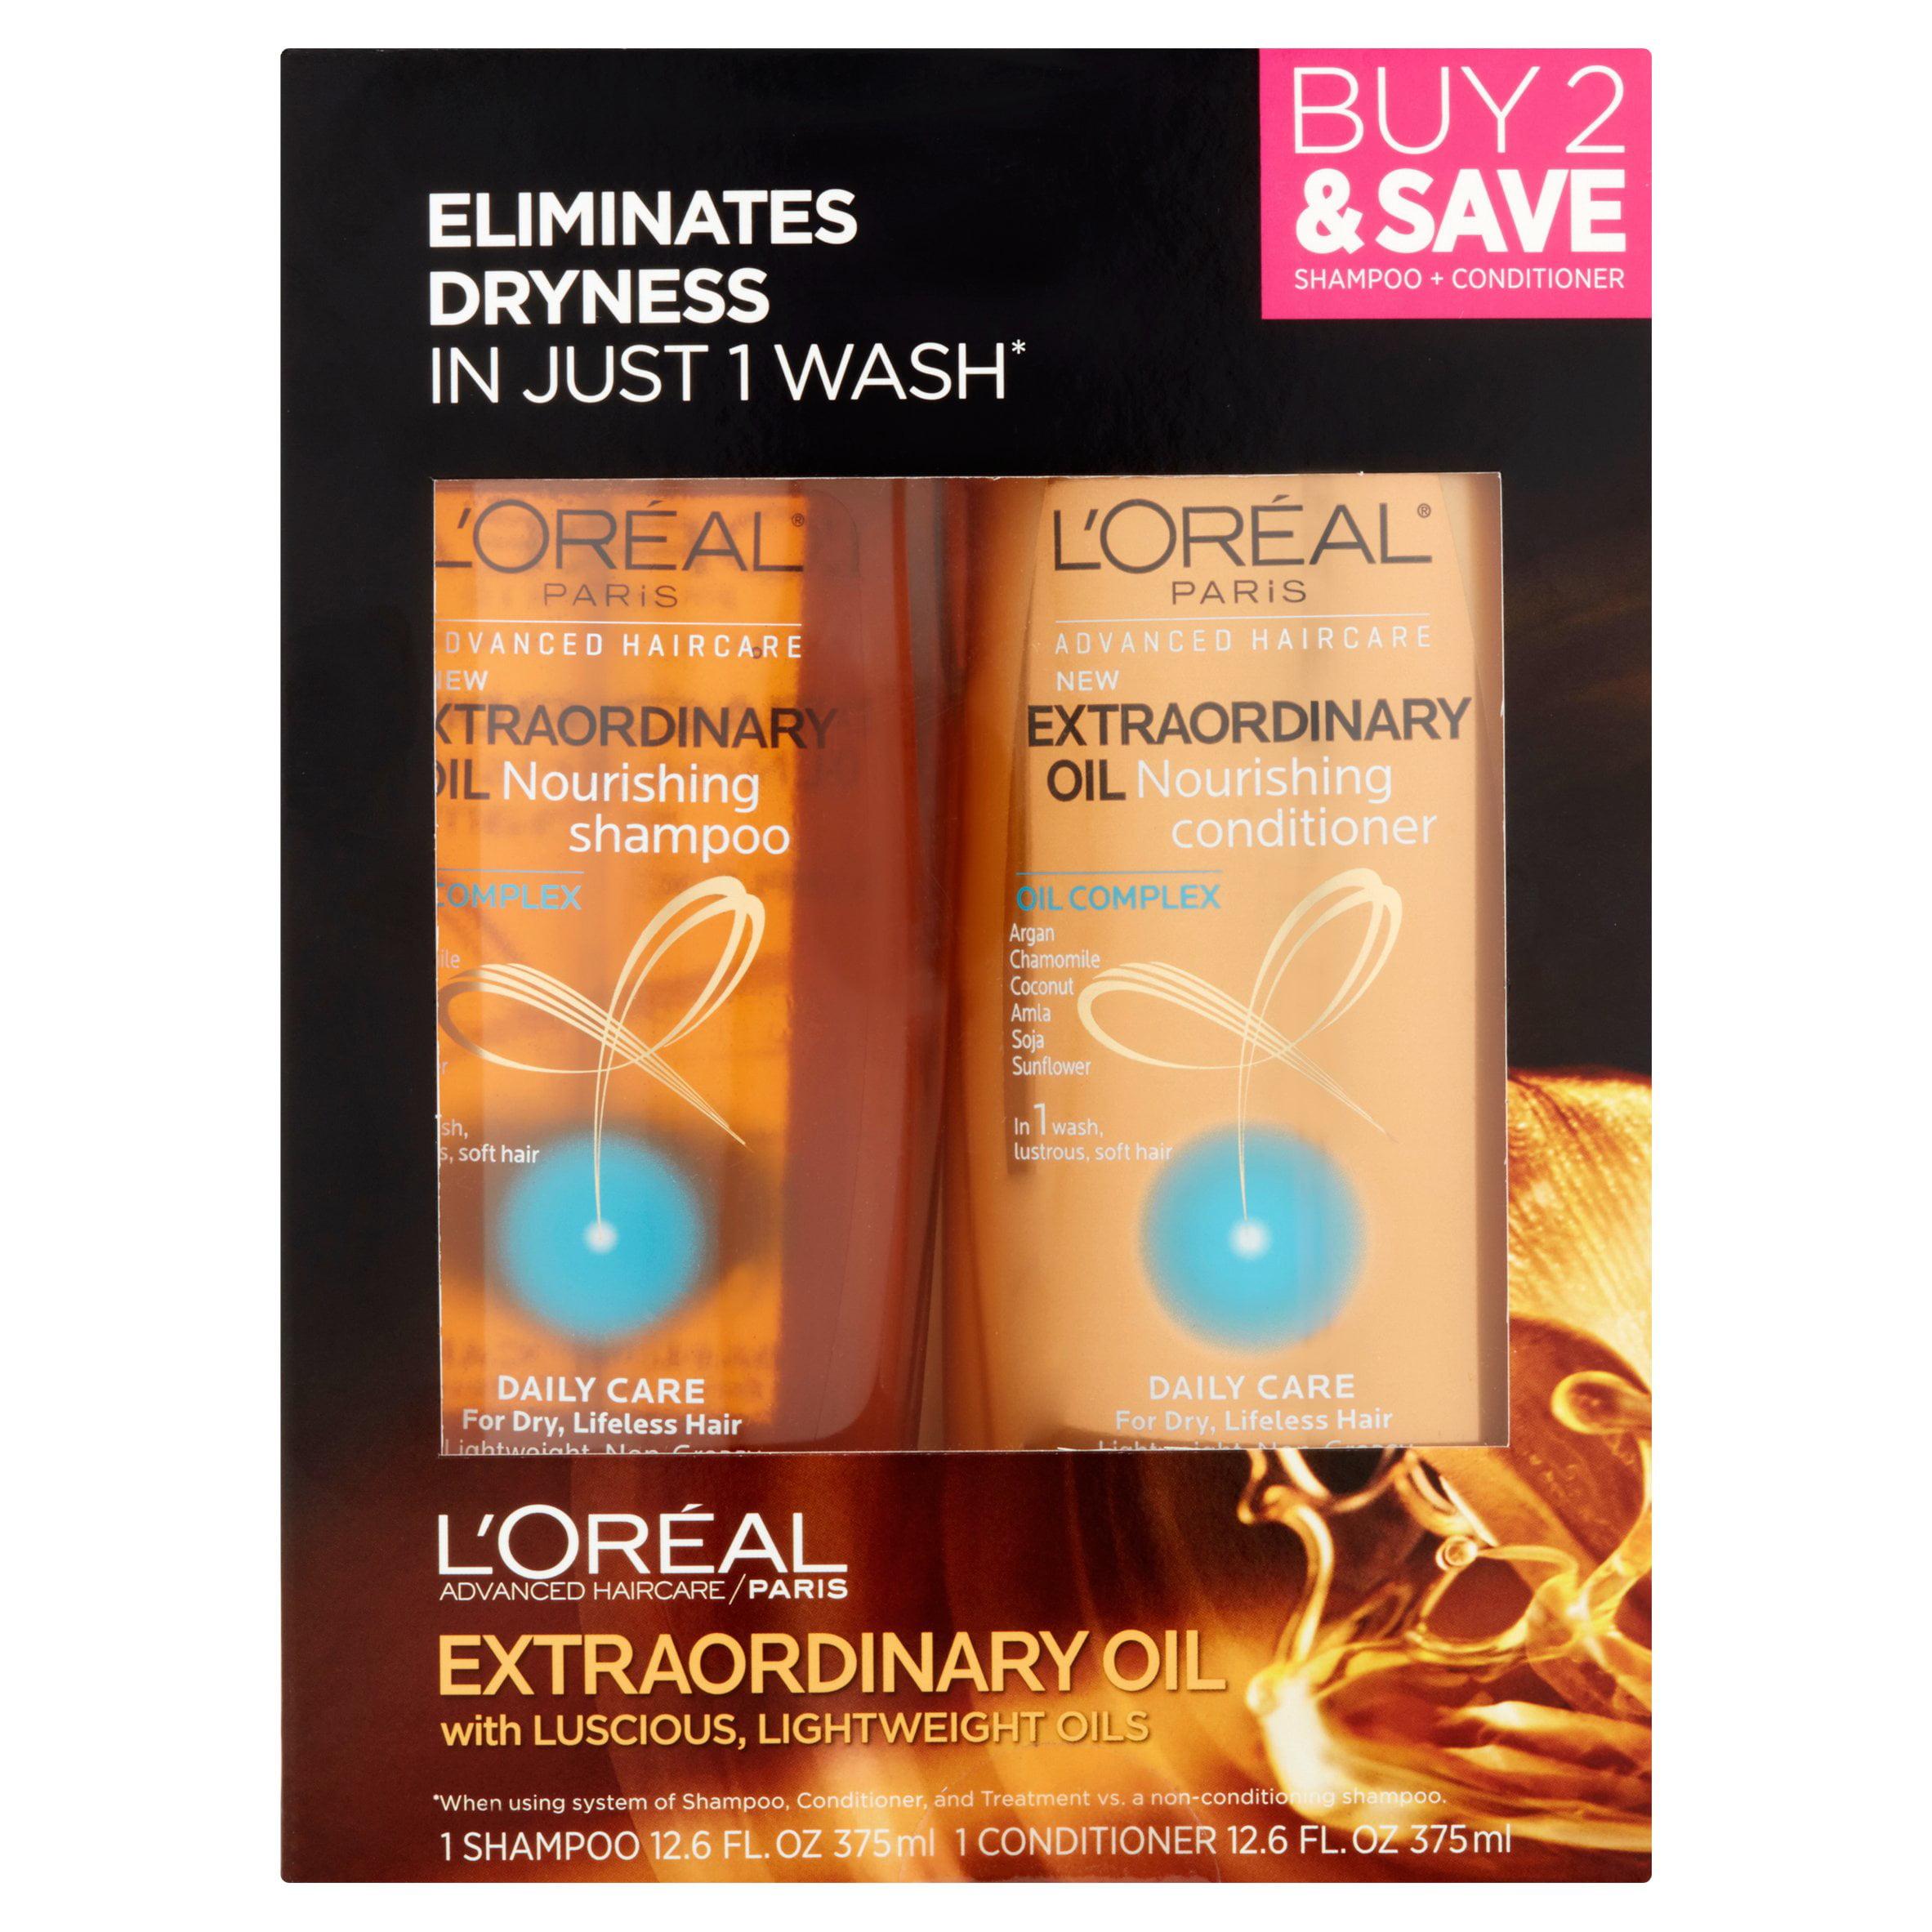 L'Oreal Paris Advanced Haircare Extraordinary Oil Shampoo & Conditioner